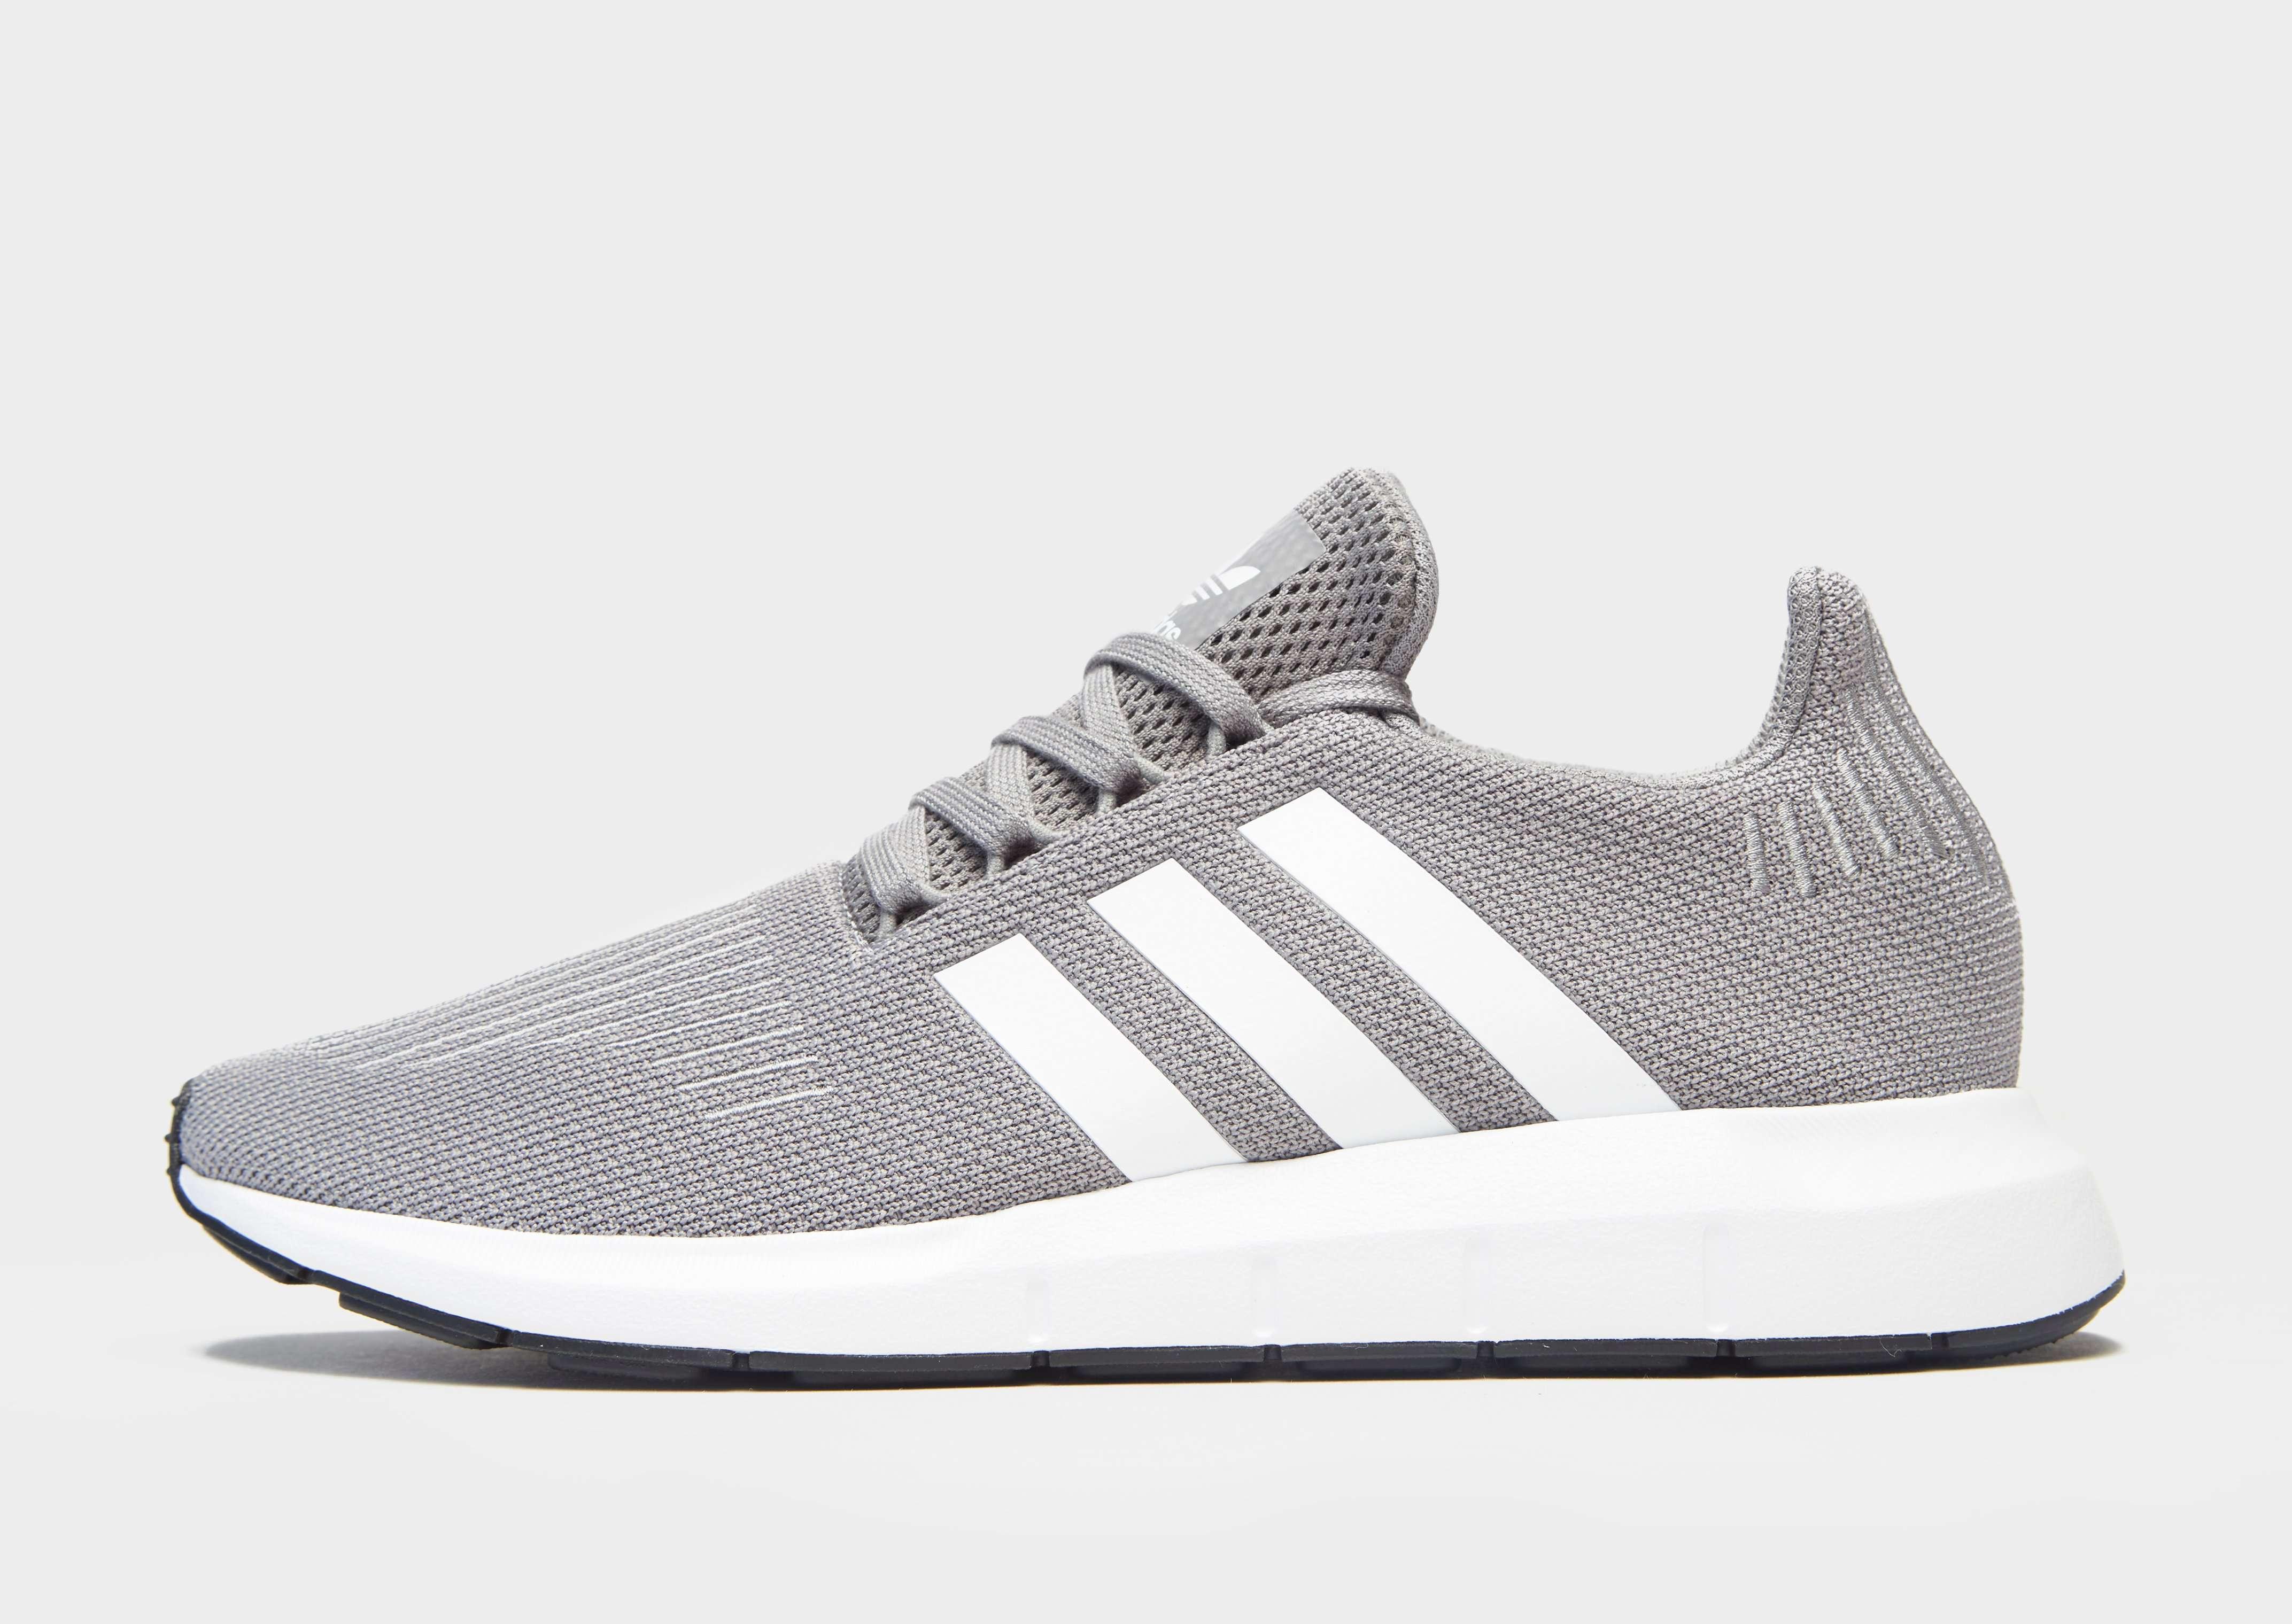 Adidas Originals Swift Run Jd Sports